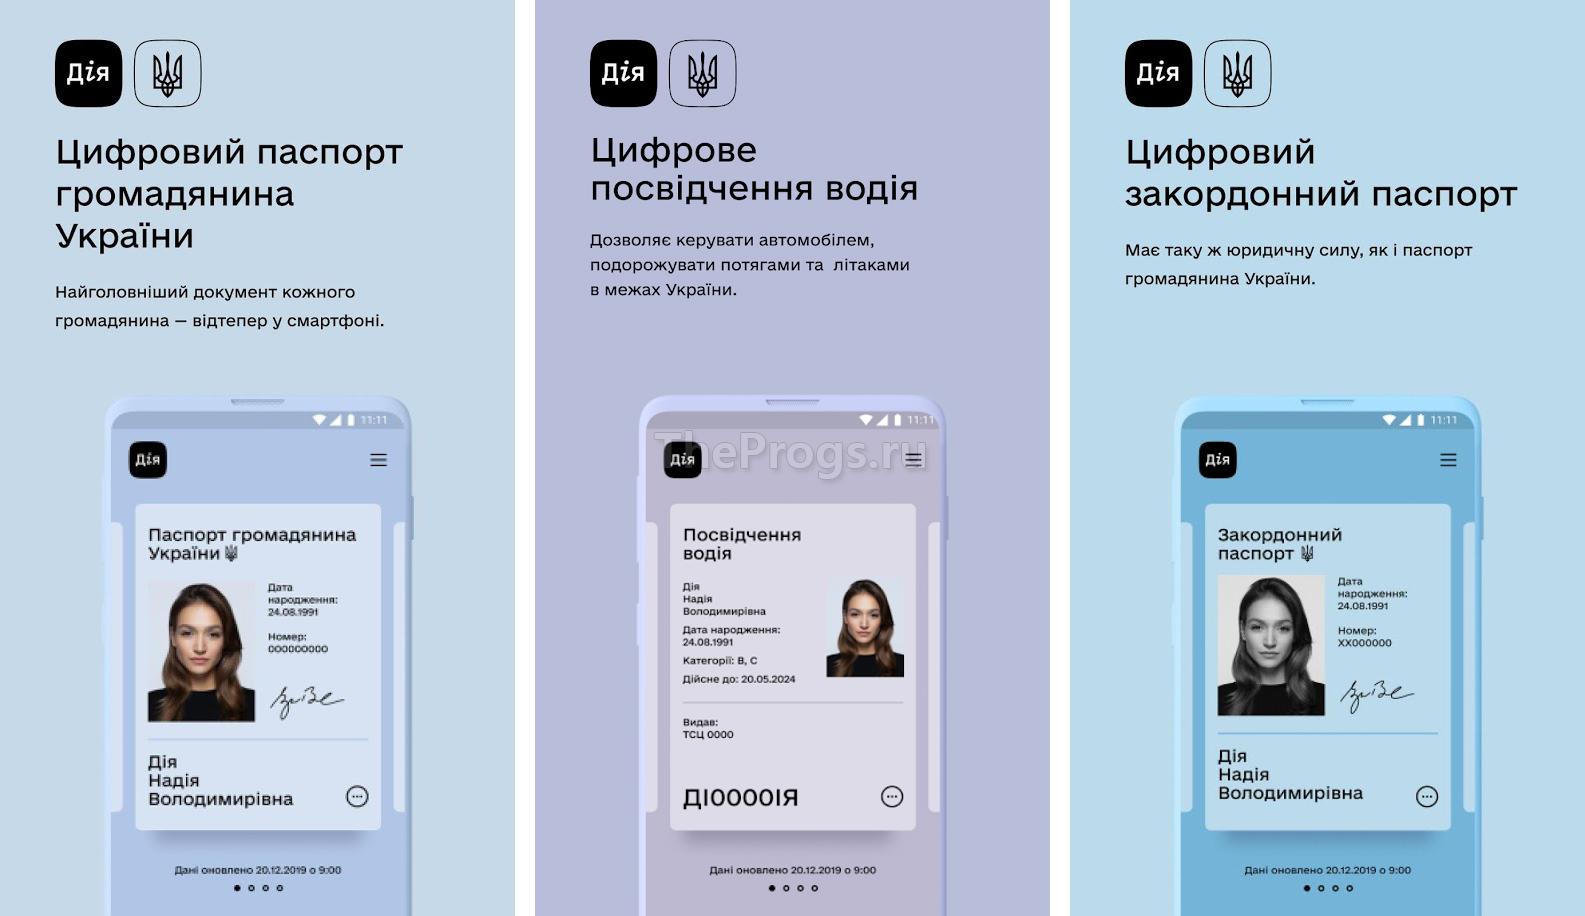 Дія (Украина) скриншот (фото)